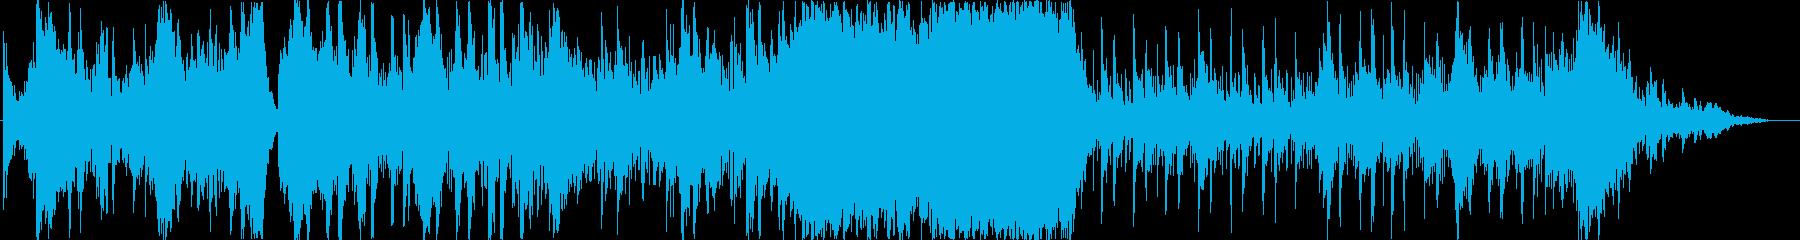 スリルや緊張感満載のゲーム戦闘用BGMの再生済みの波形